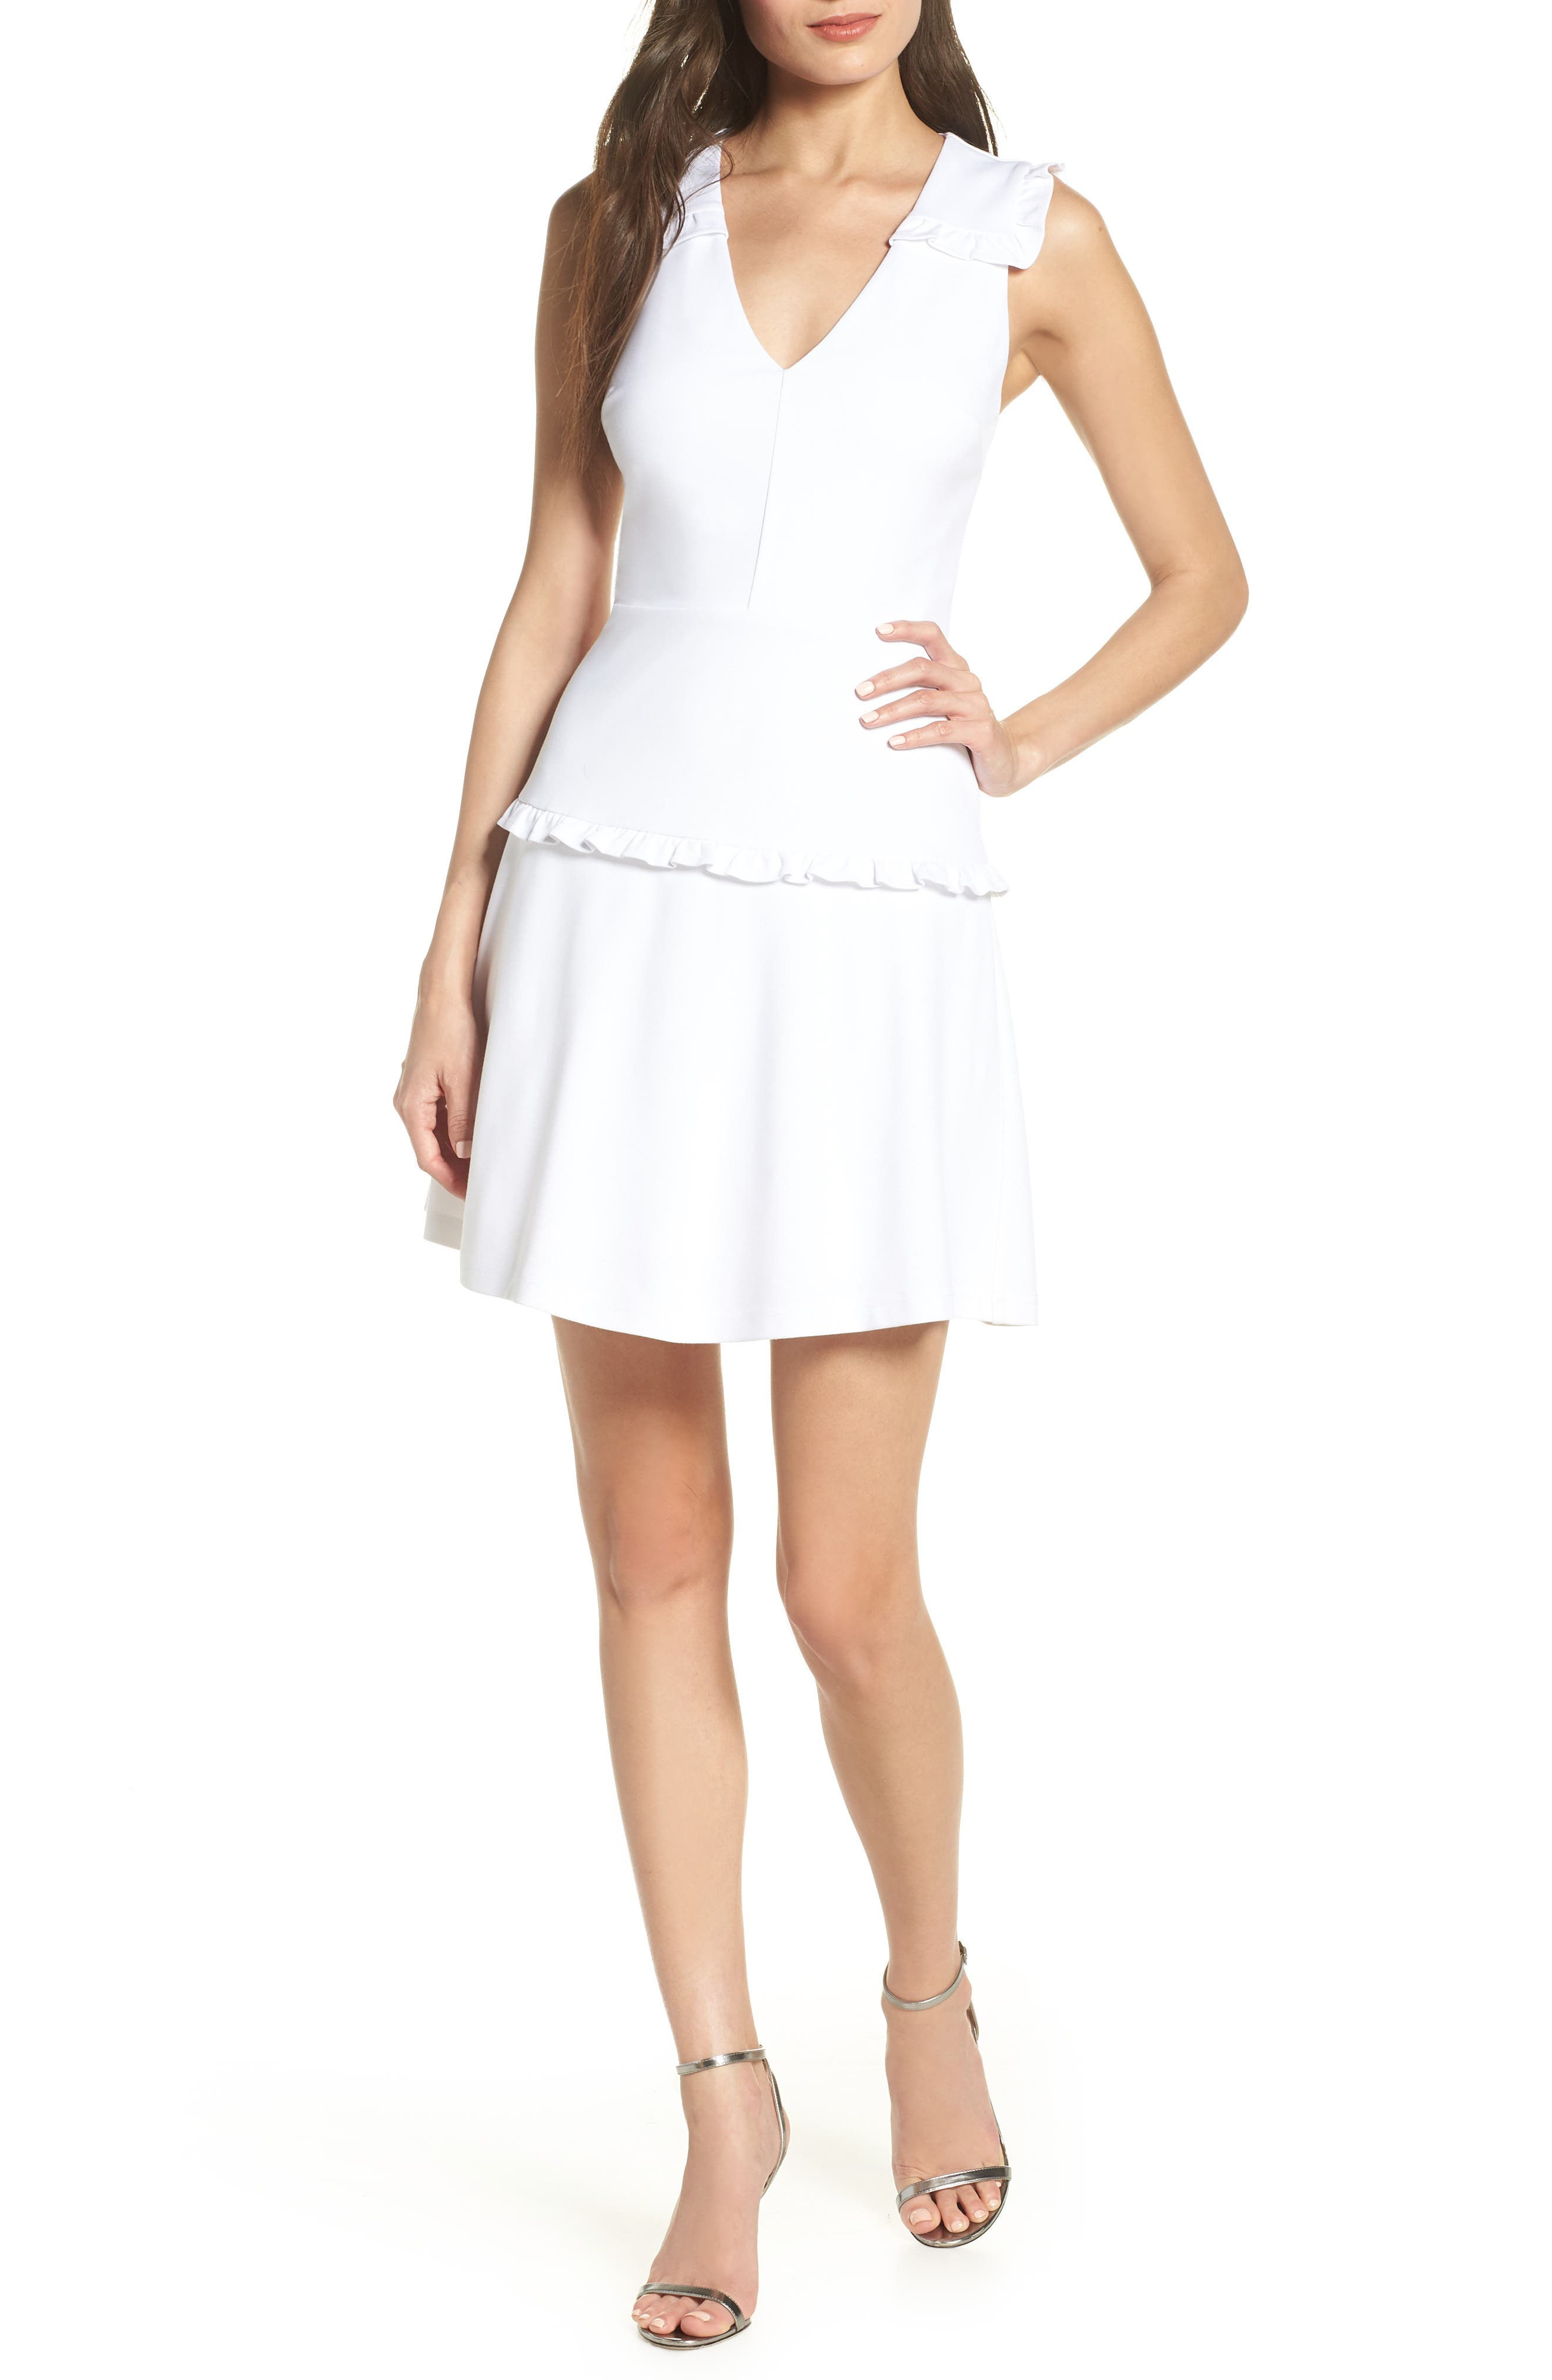 Ali & Jay Work It Own It Fit & Flare Dress, White